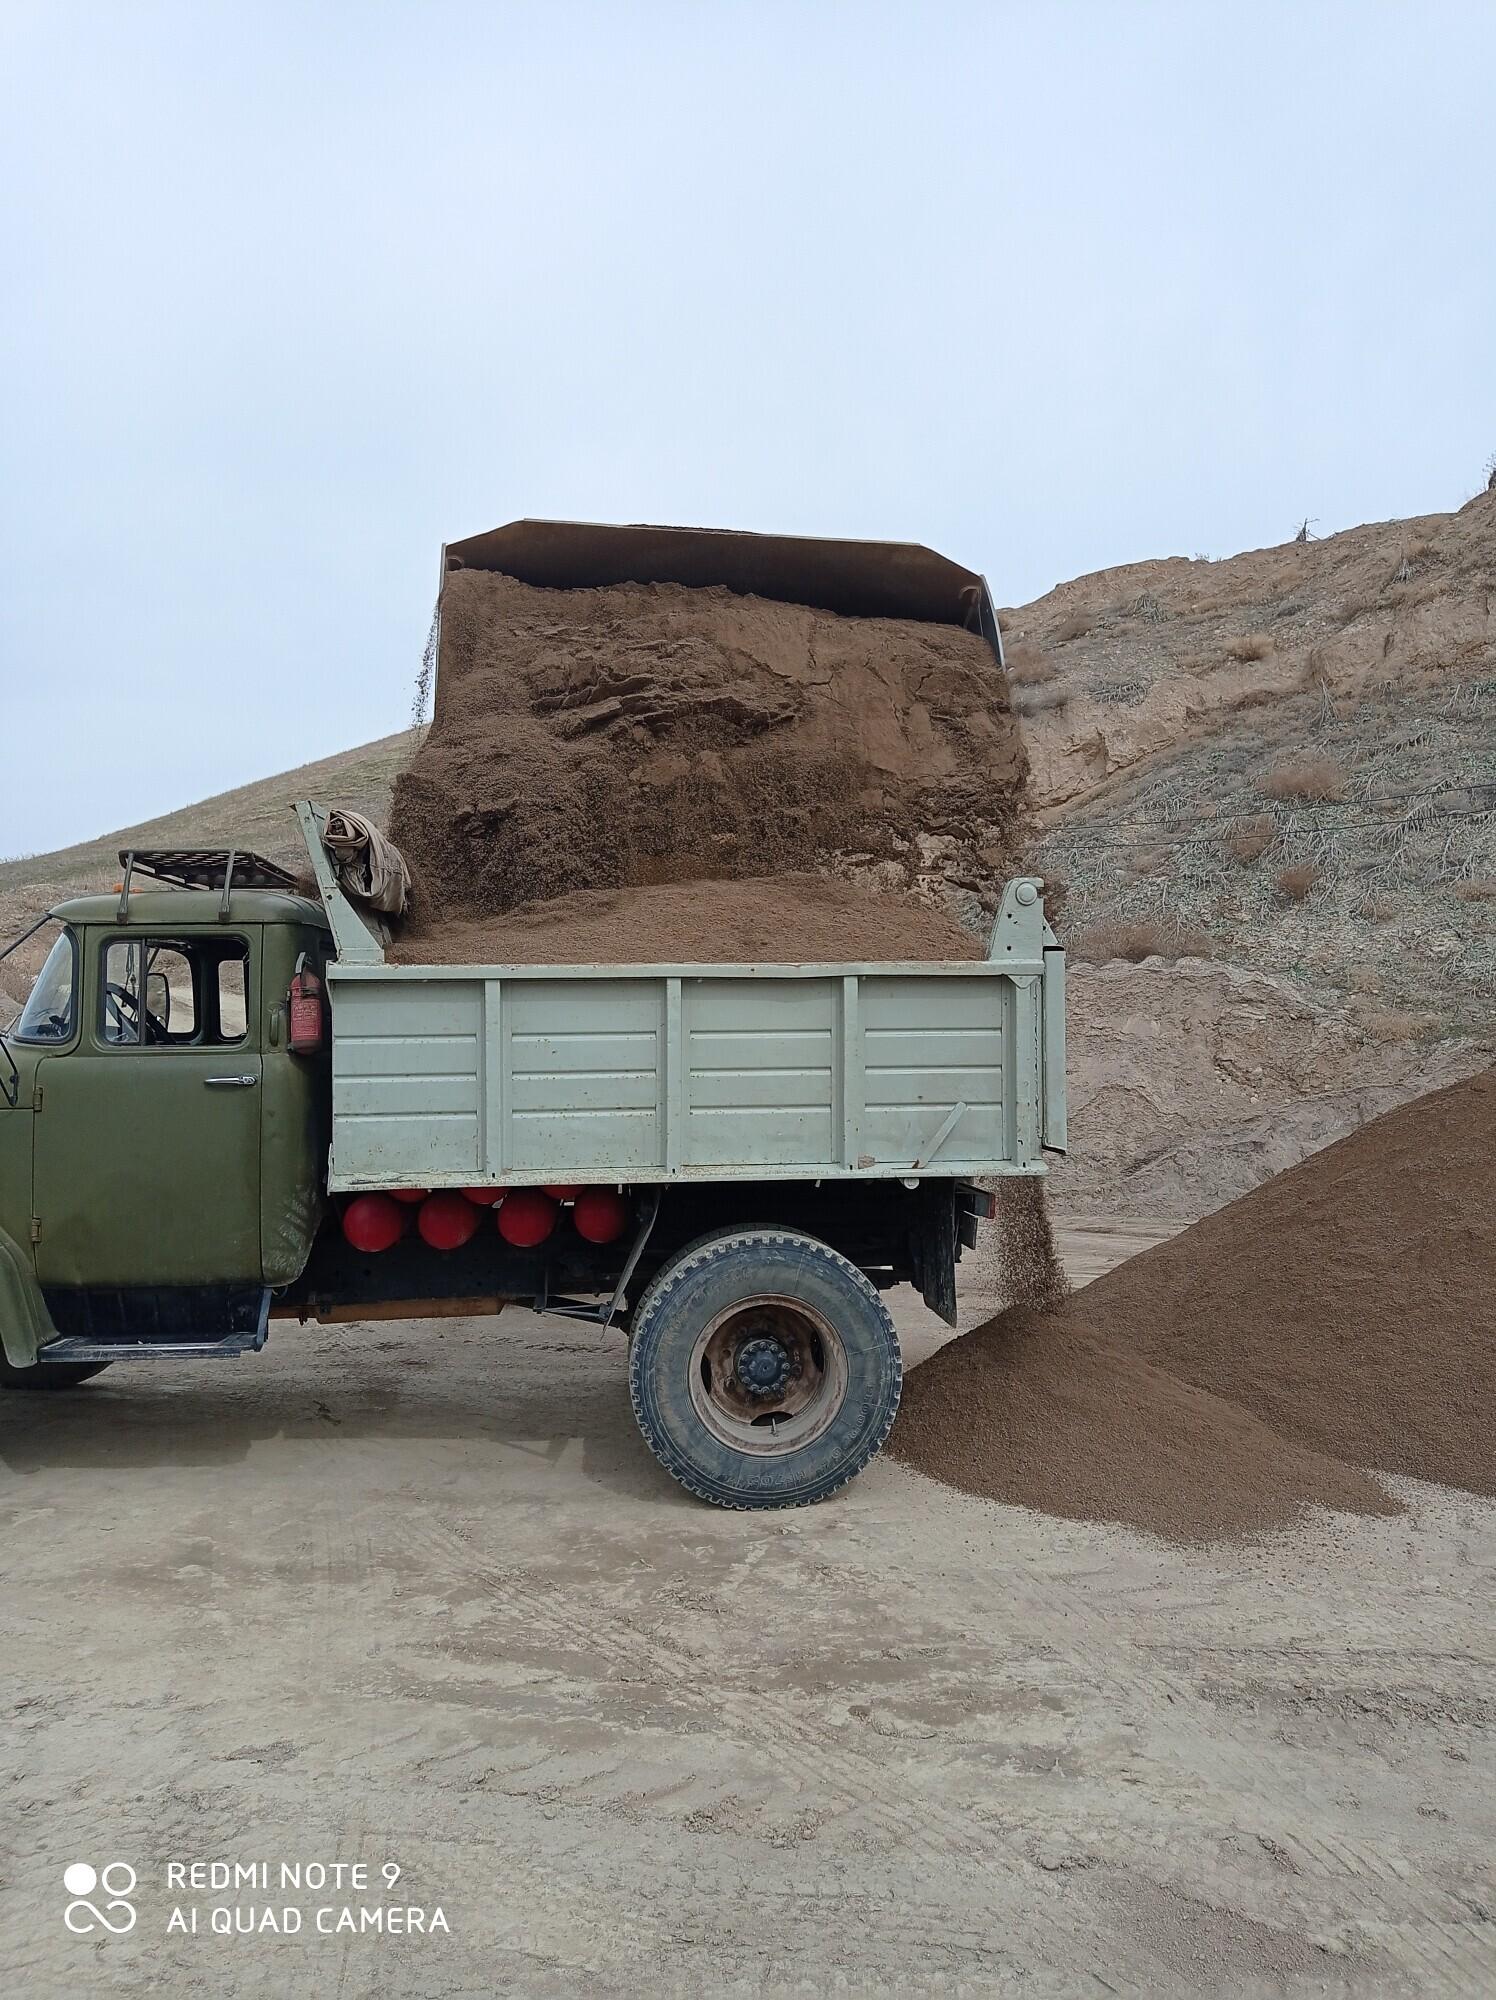 доставка грузов Отсев песок щебень смесь Чернозём - Бизнес-профиль компании на lalafo.kg | Кыргызстан